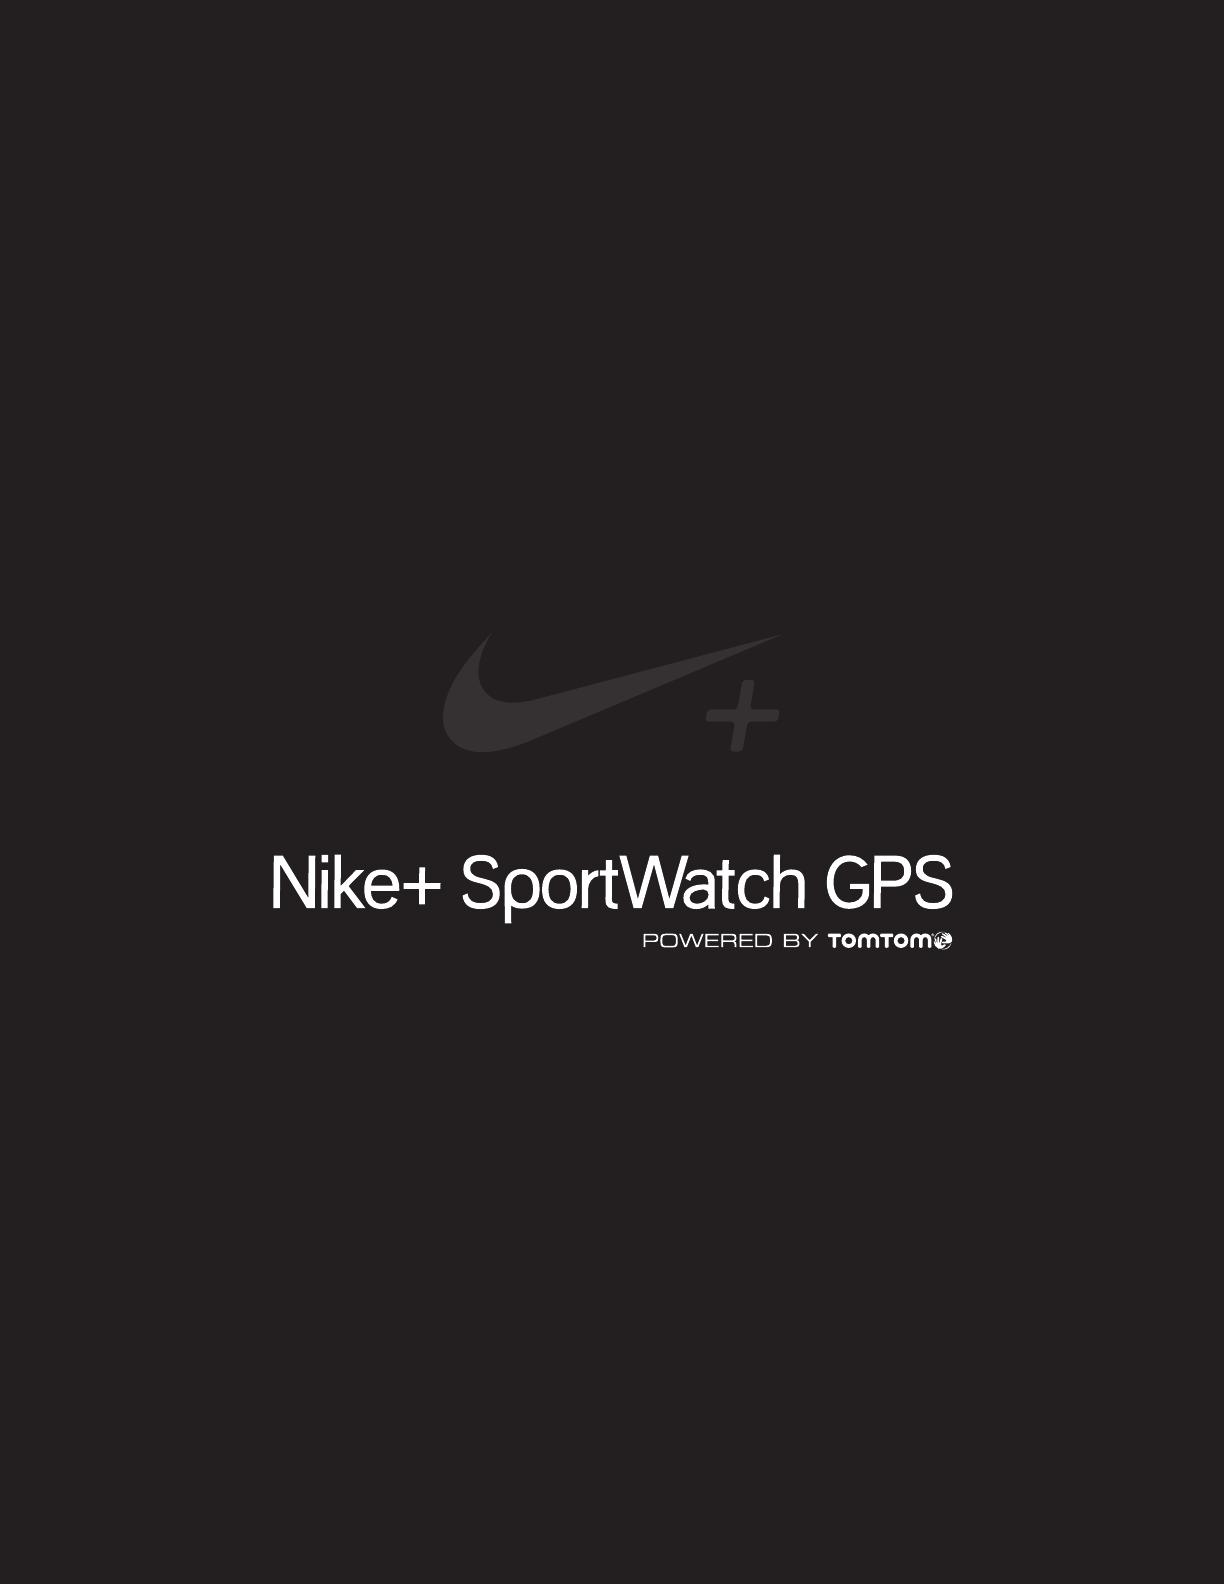 Be nungsanleitung TomTom Nike SportWatch GPS Seite 1 von 42